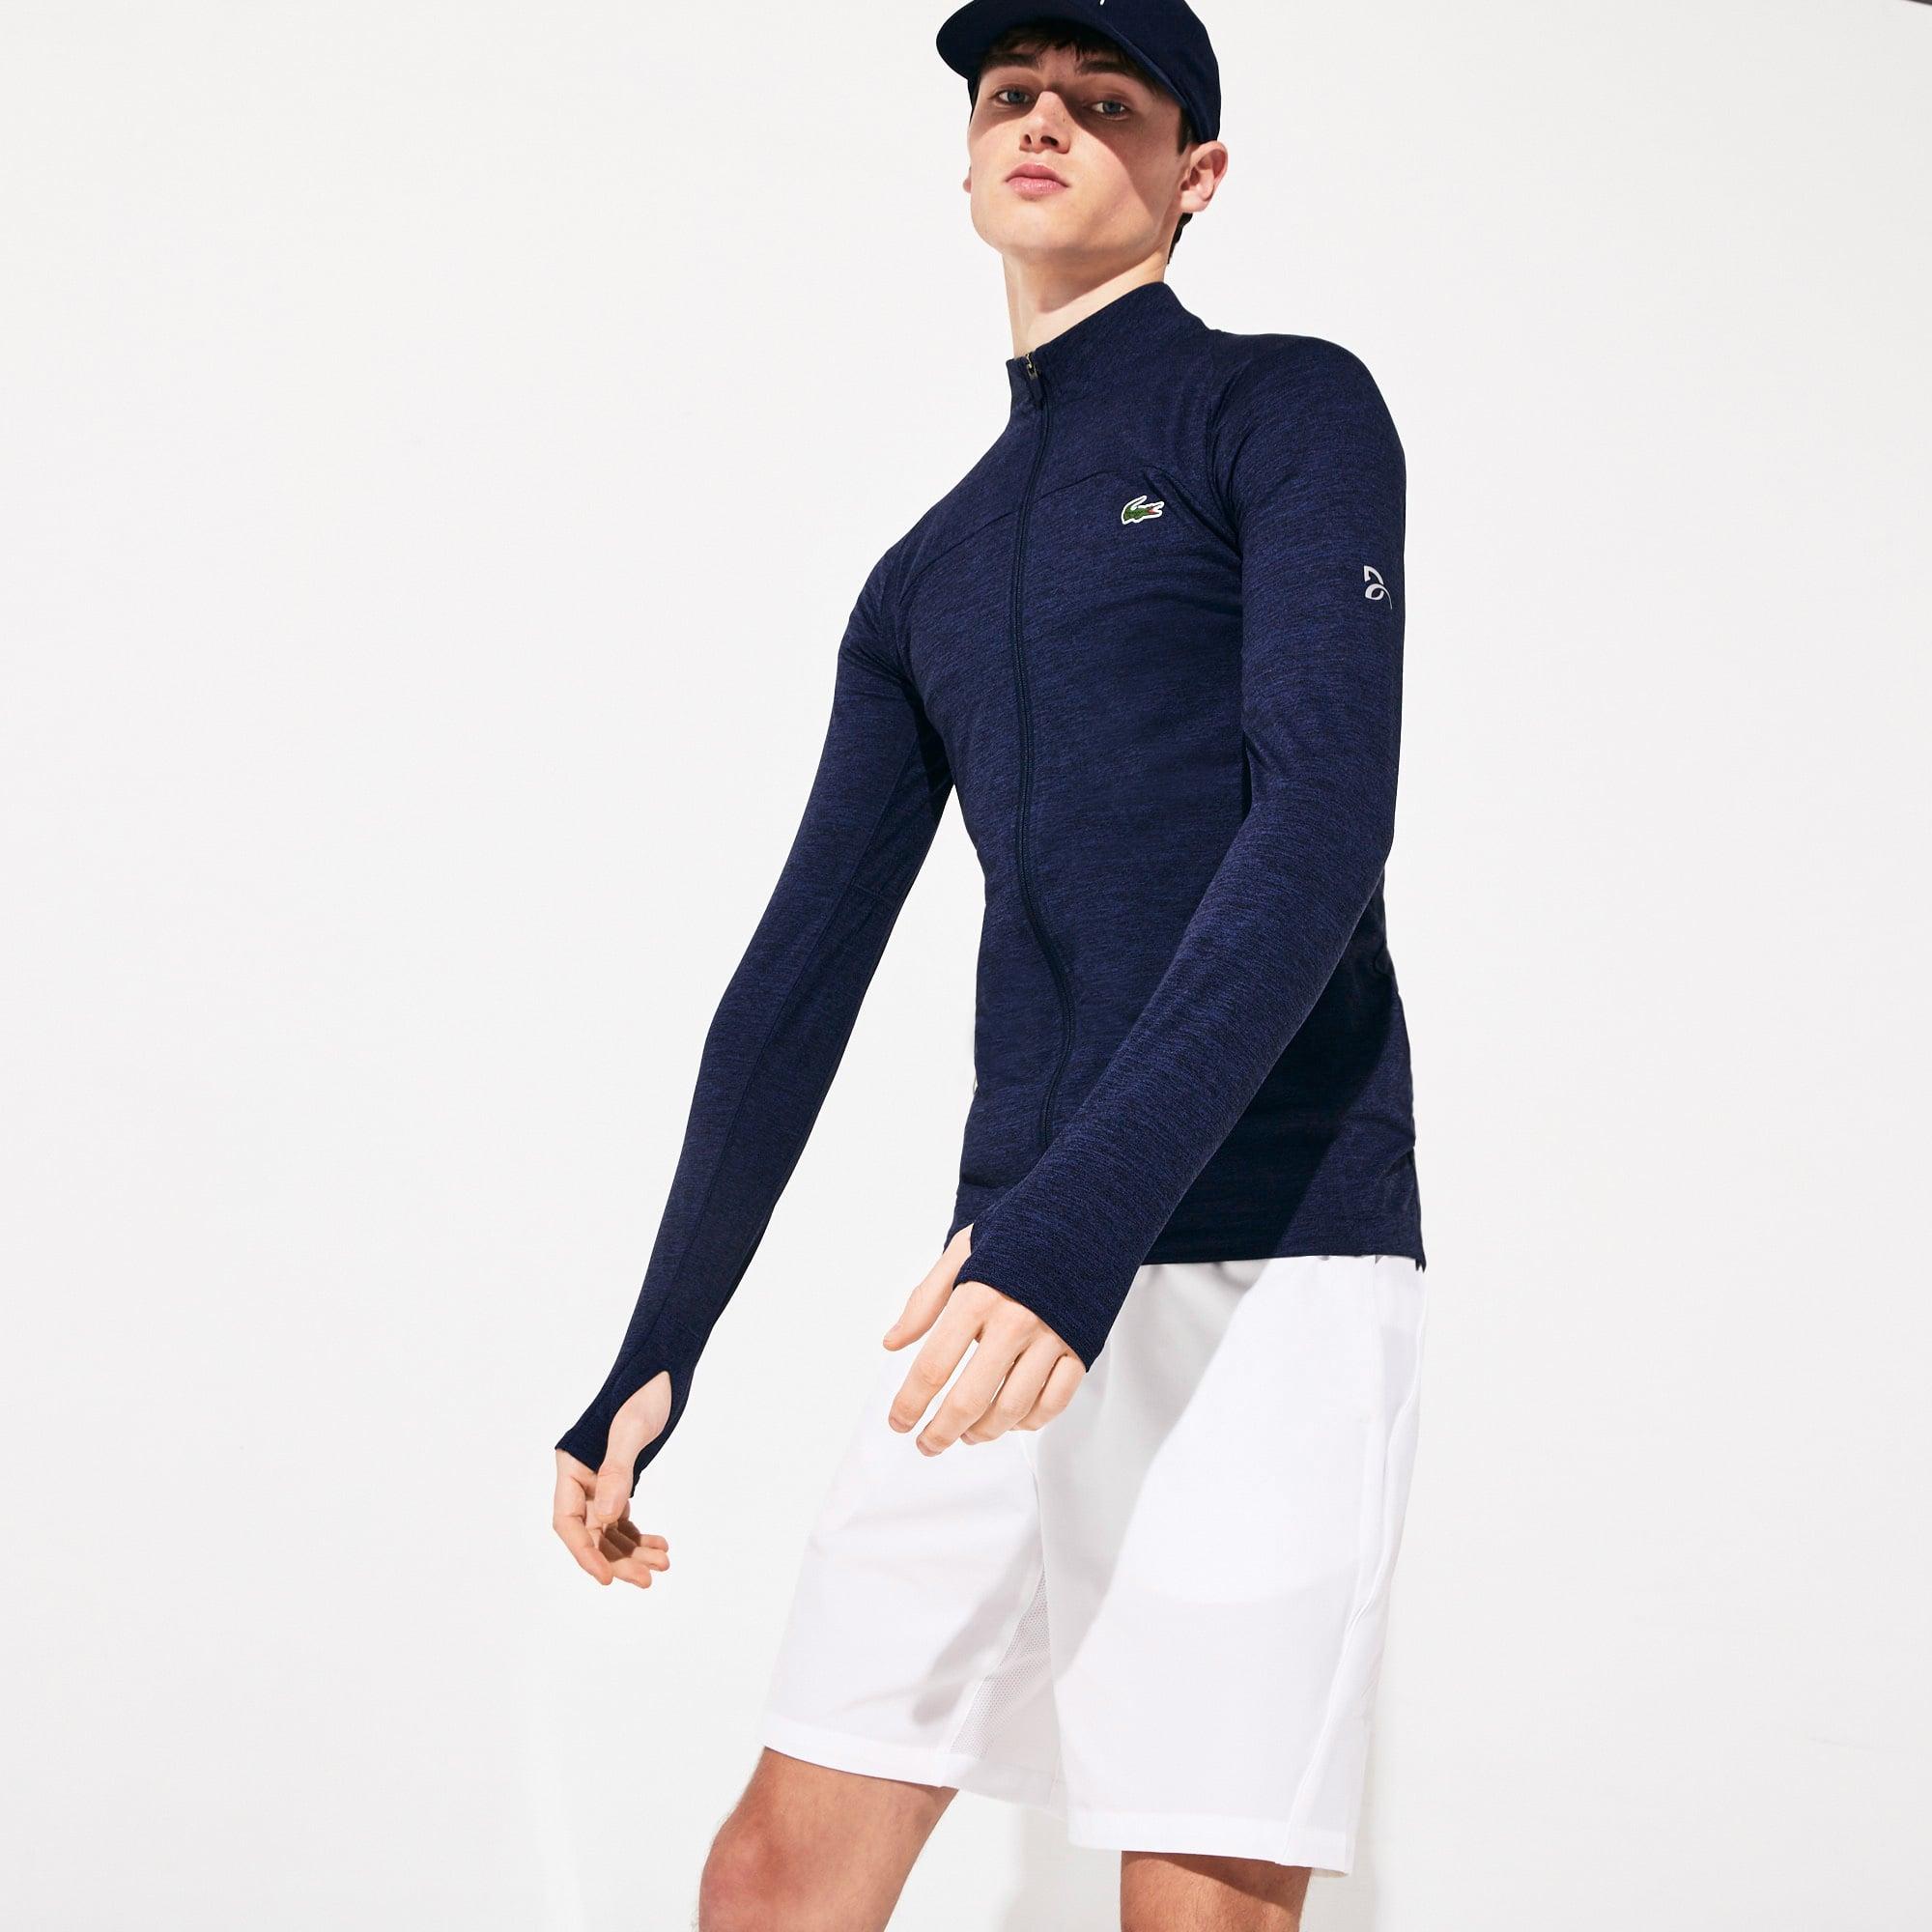 Herren LACOSTE SPORT x Novak Djokovic Stretch-Jacke